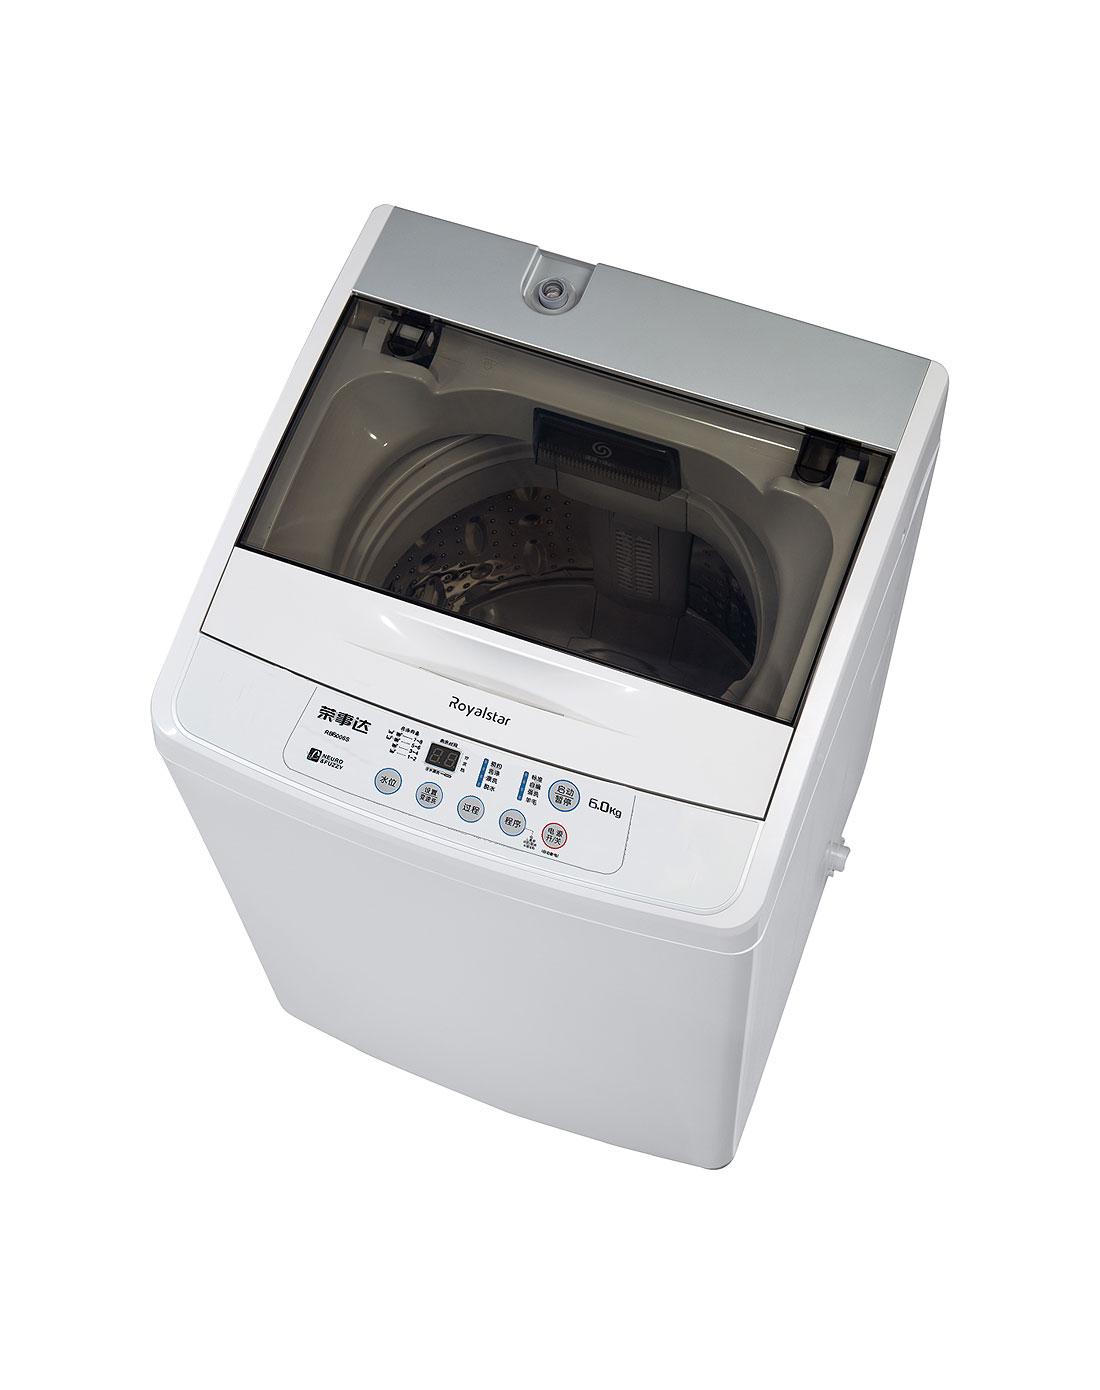 荣事达&三洋家电荣事达 波轮洗衣机rb6006s_唯品会